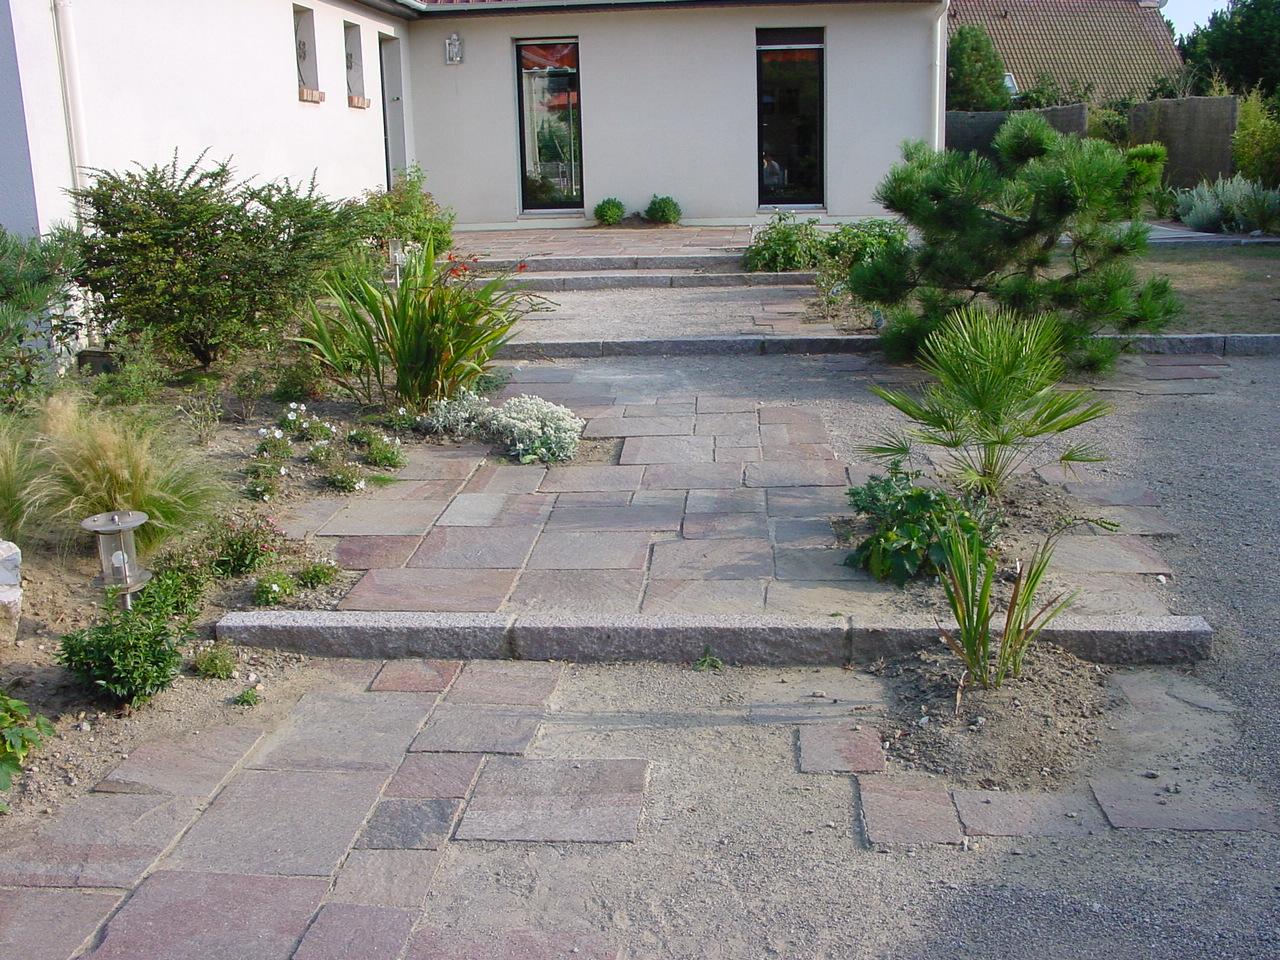 Les plans en Ligne, pour vos projets de terrasses, accès, parkings ...